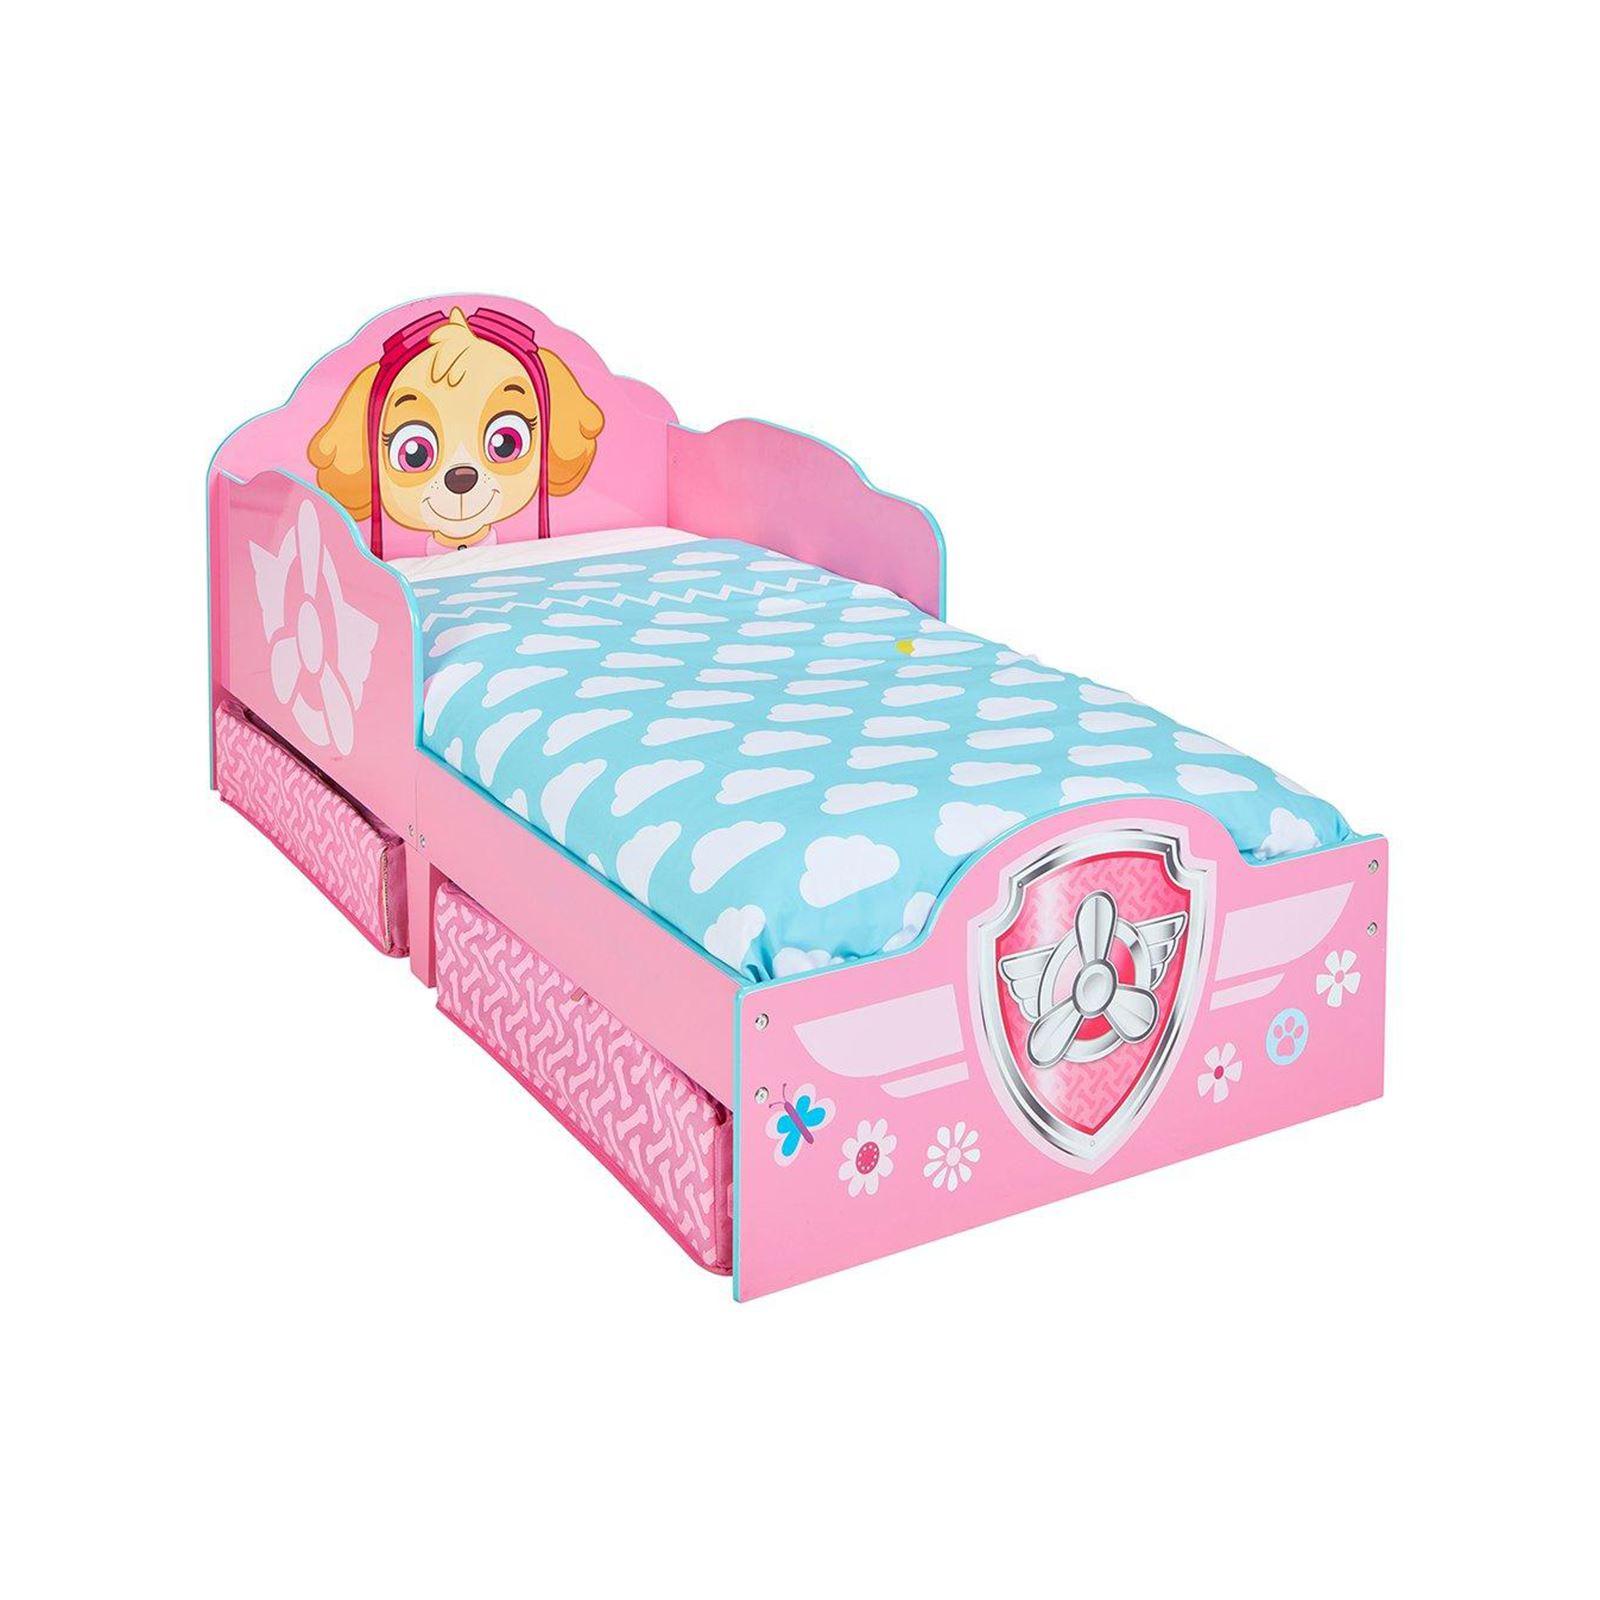 paw patrol skye kleinkind bett mit unterbett aufbewahrung m dchen kinder ebay. Black Bedroom Furniture Sets. Home Design Ideas